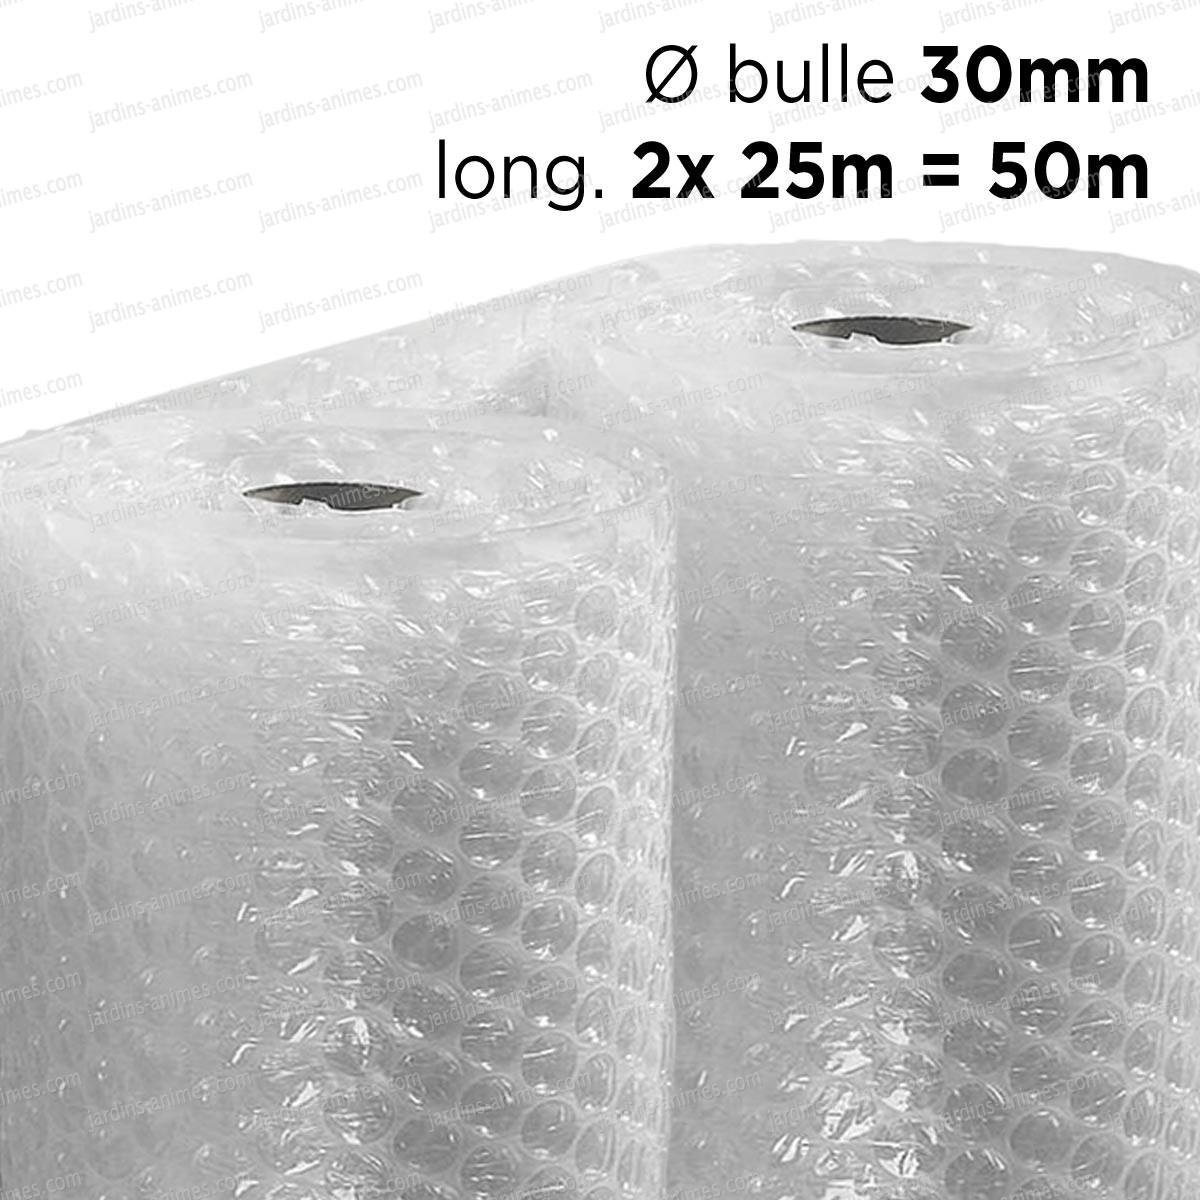 film bulle 30mm d 39 emballage pour isolation serre dim x 50m 2 rouleaux de 25m serre jardin. Black Bedroom Furniture Sets. Home Design Ideas